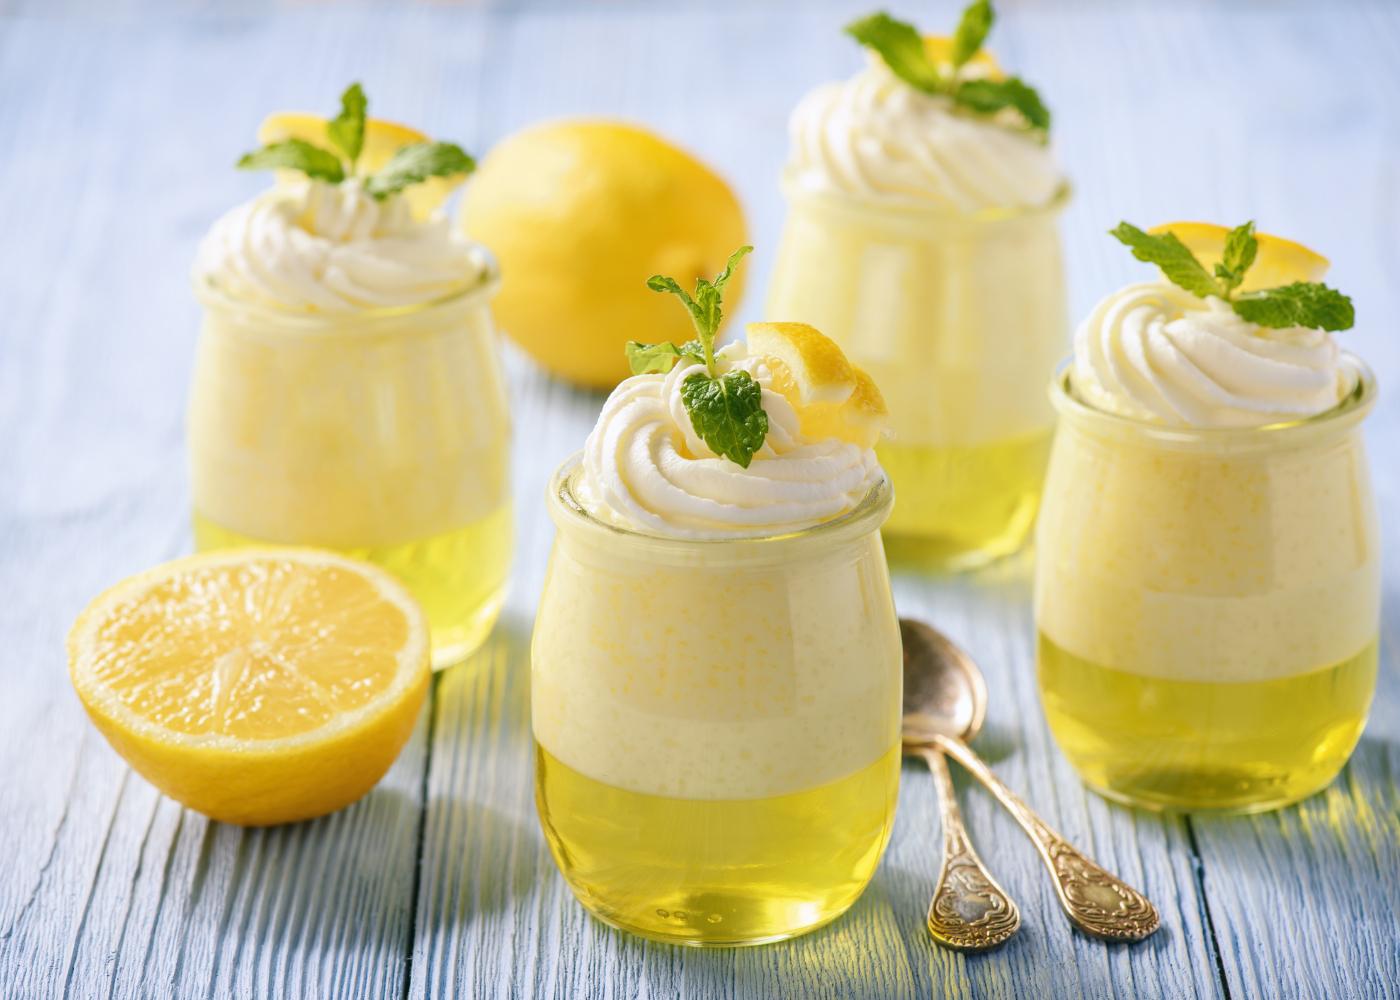 gelatina cremosa de limão em copos de vidro